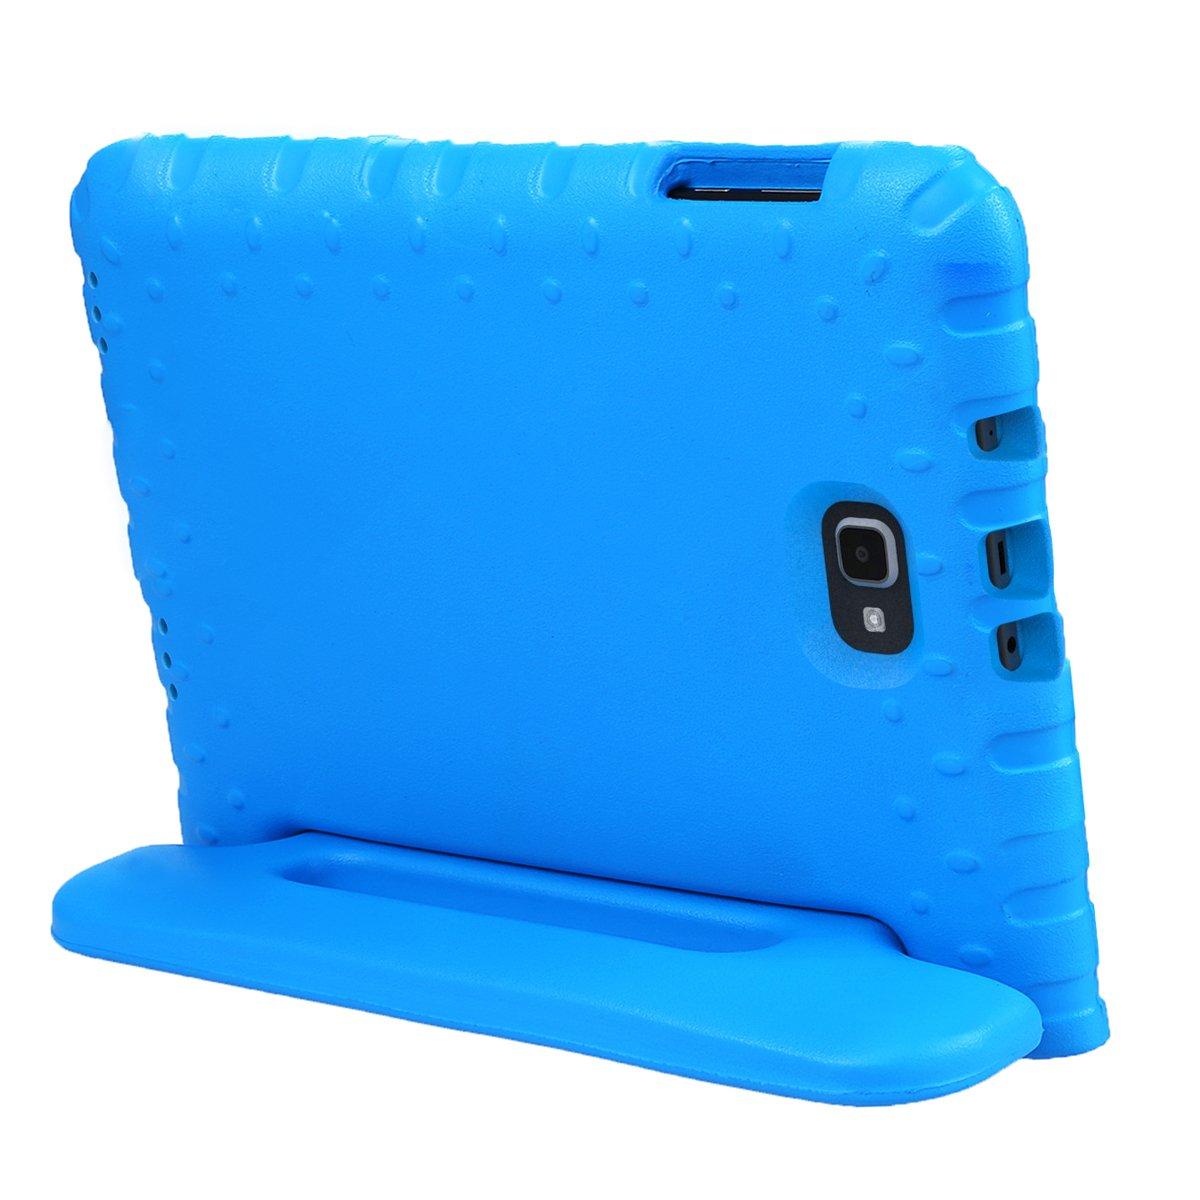 LEADSTAR Samsung Galaxy Tab A 10.1 Ligero y Super Protective Antichoque EVA Funda Dise/ñar Especialmente para los Ni/ños para Samsung Tab A 10.1 T580N // T585N 2016 Negro